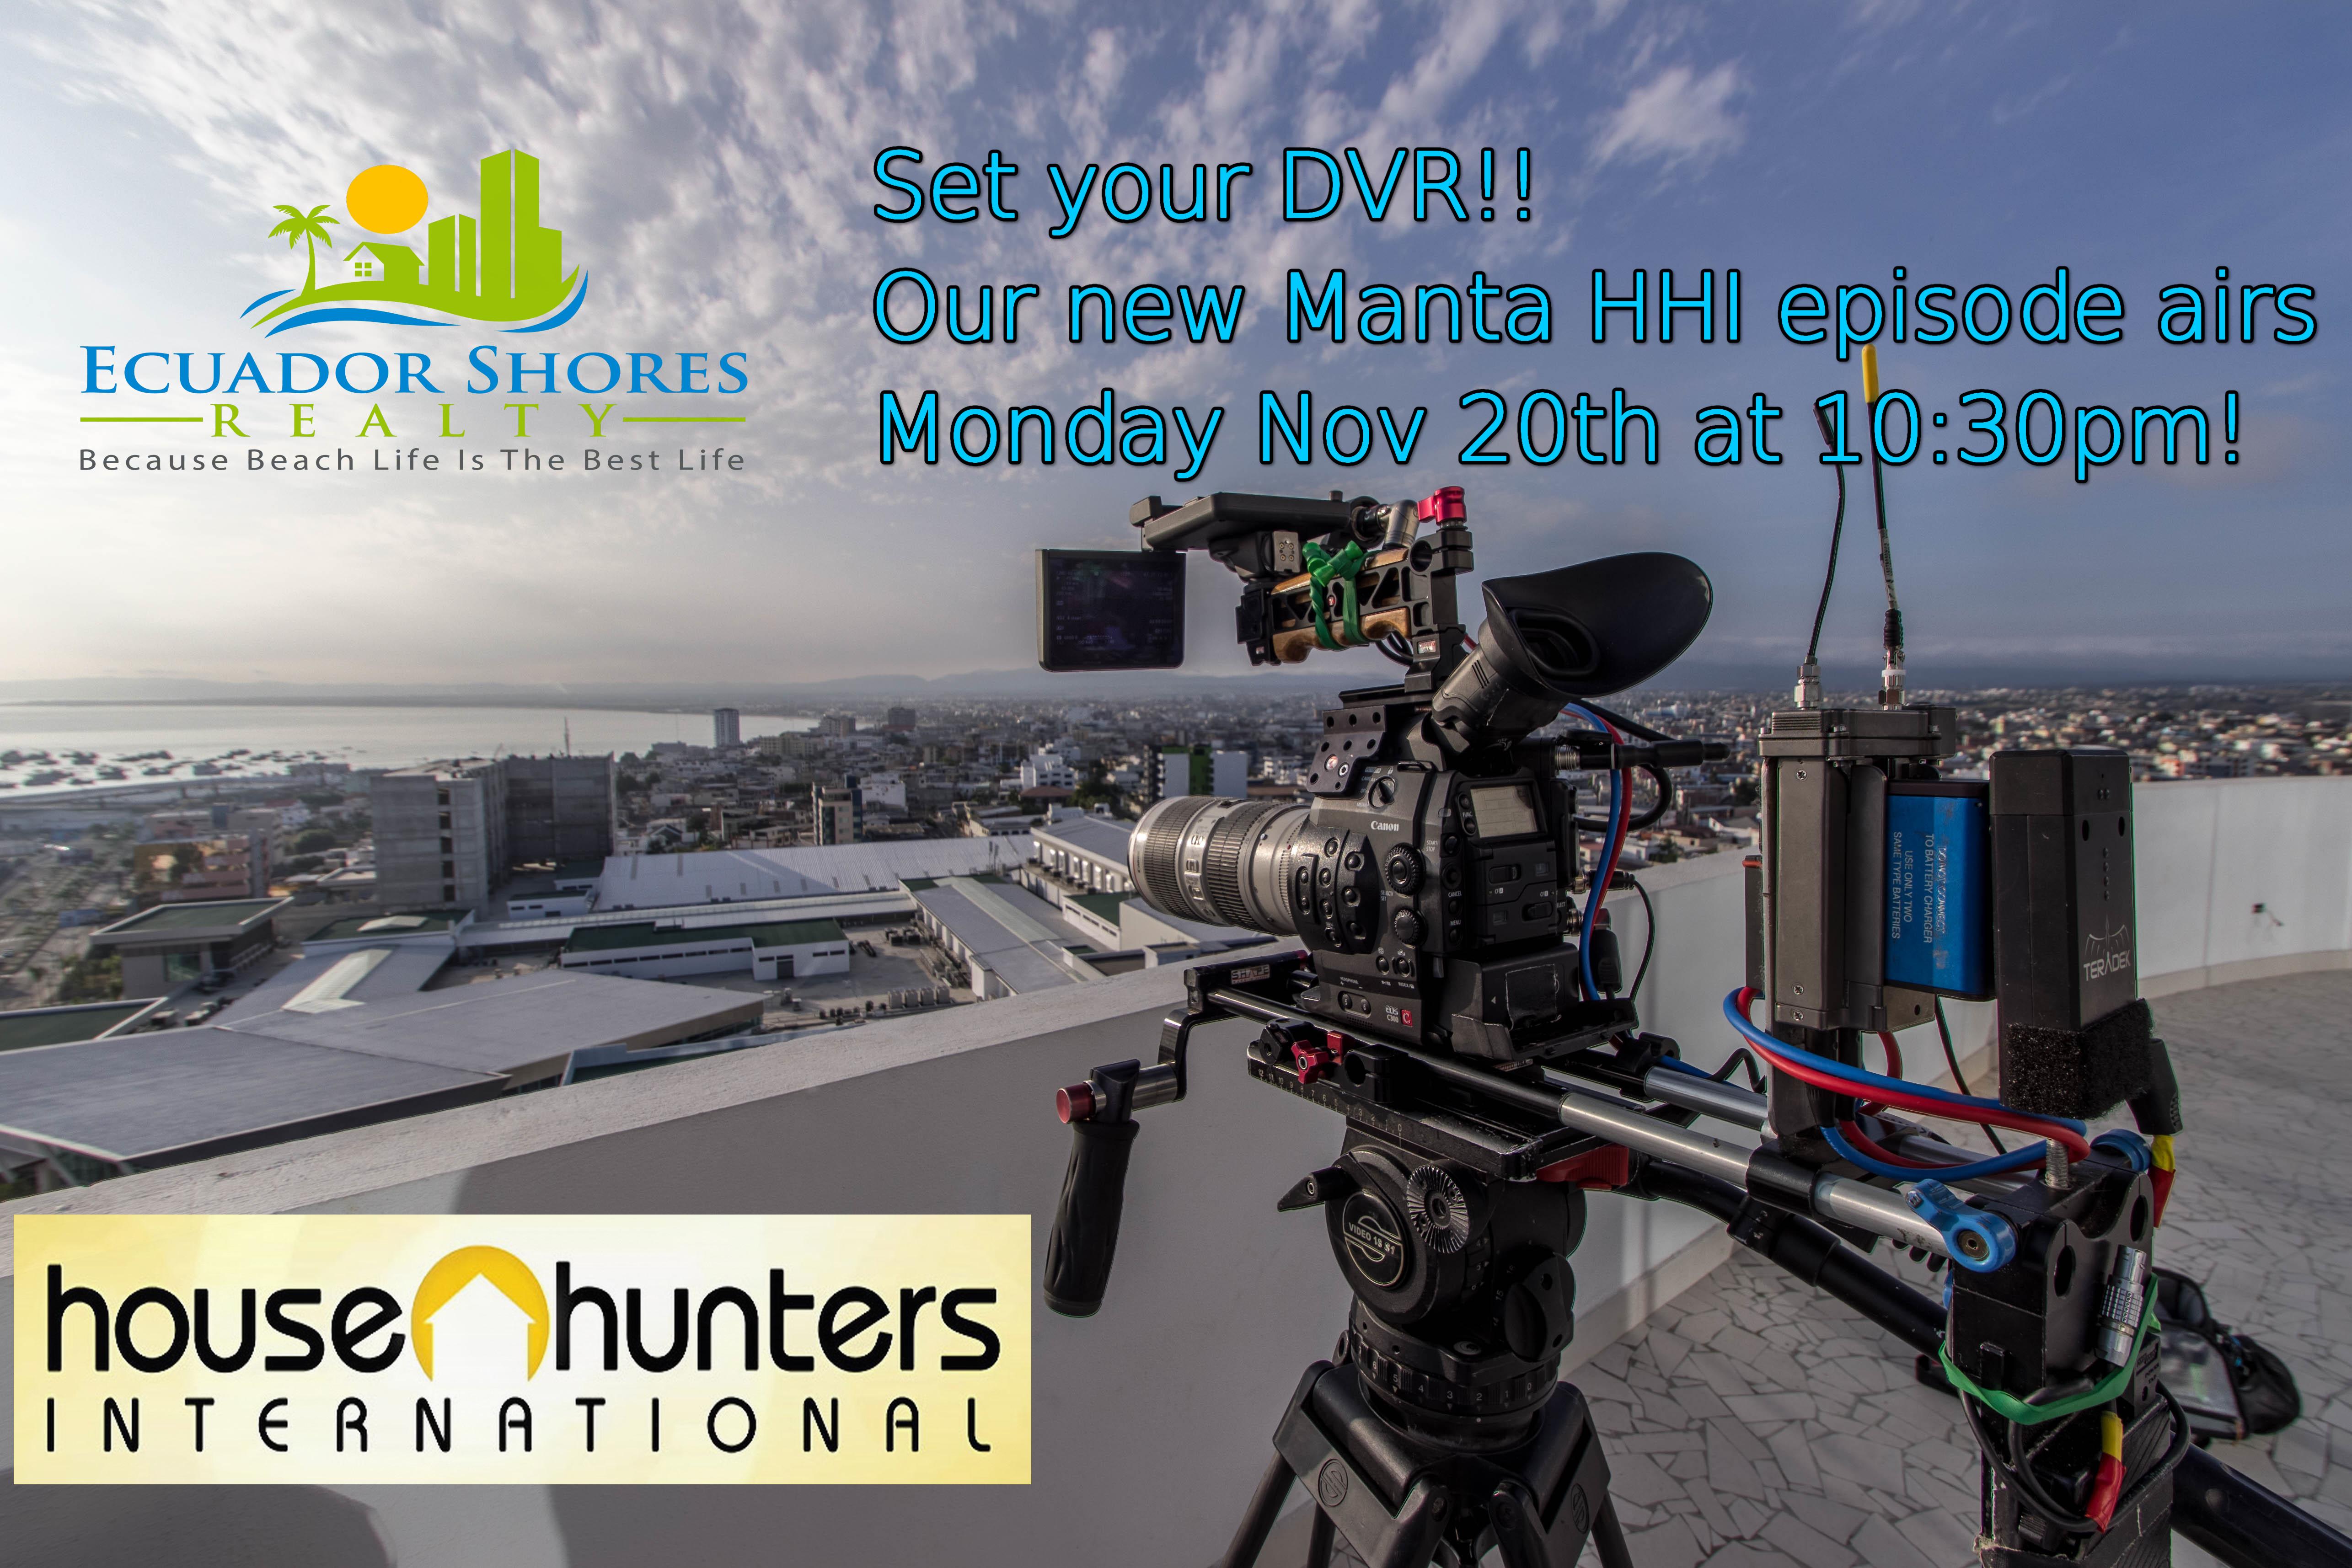 La Ciudad de Manta será destacada a nivel mundial House Hunters International